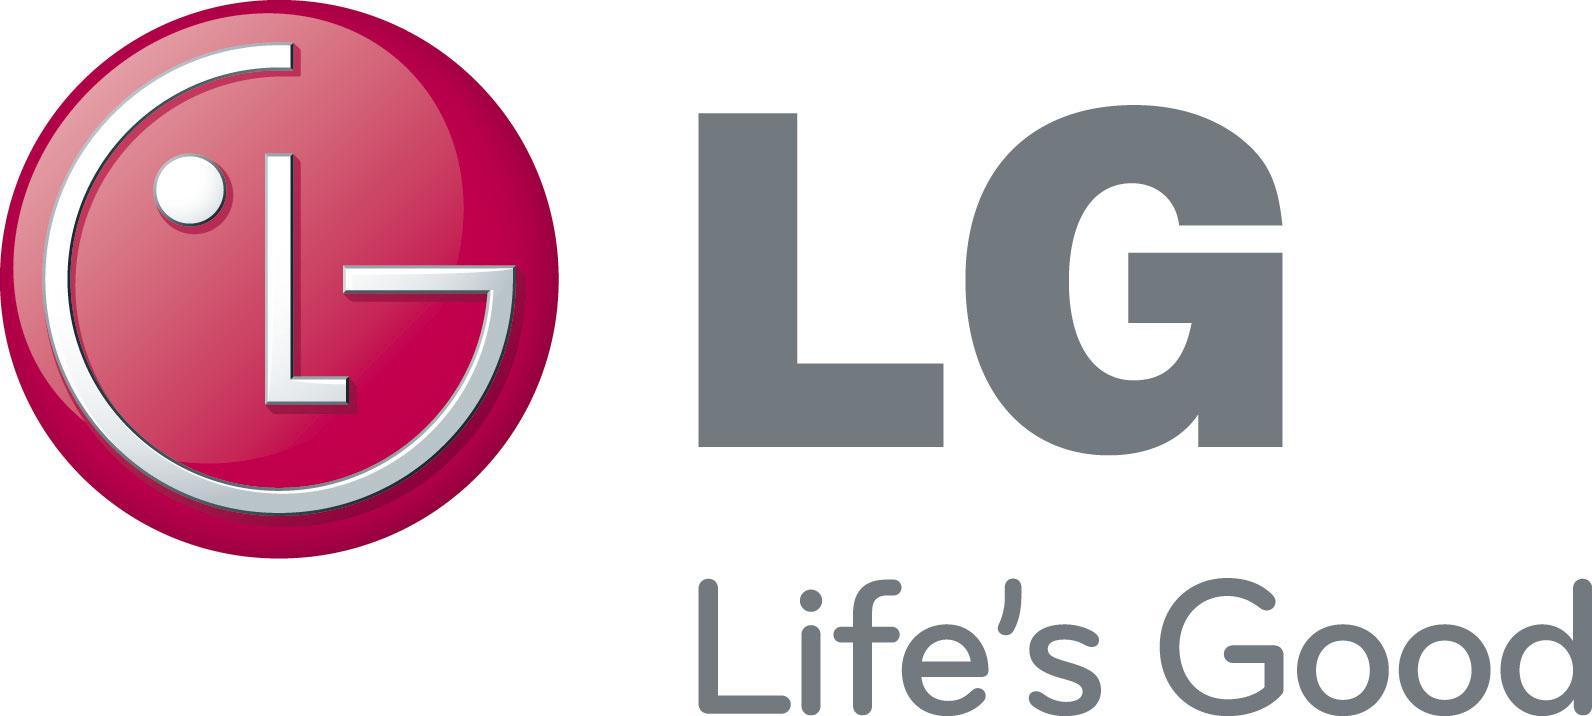 در فصل گذشته، LG برای هر گوشی تنها 1.2 سنت سود عملیاتی داشته است